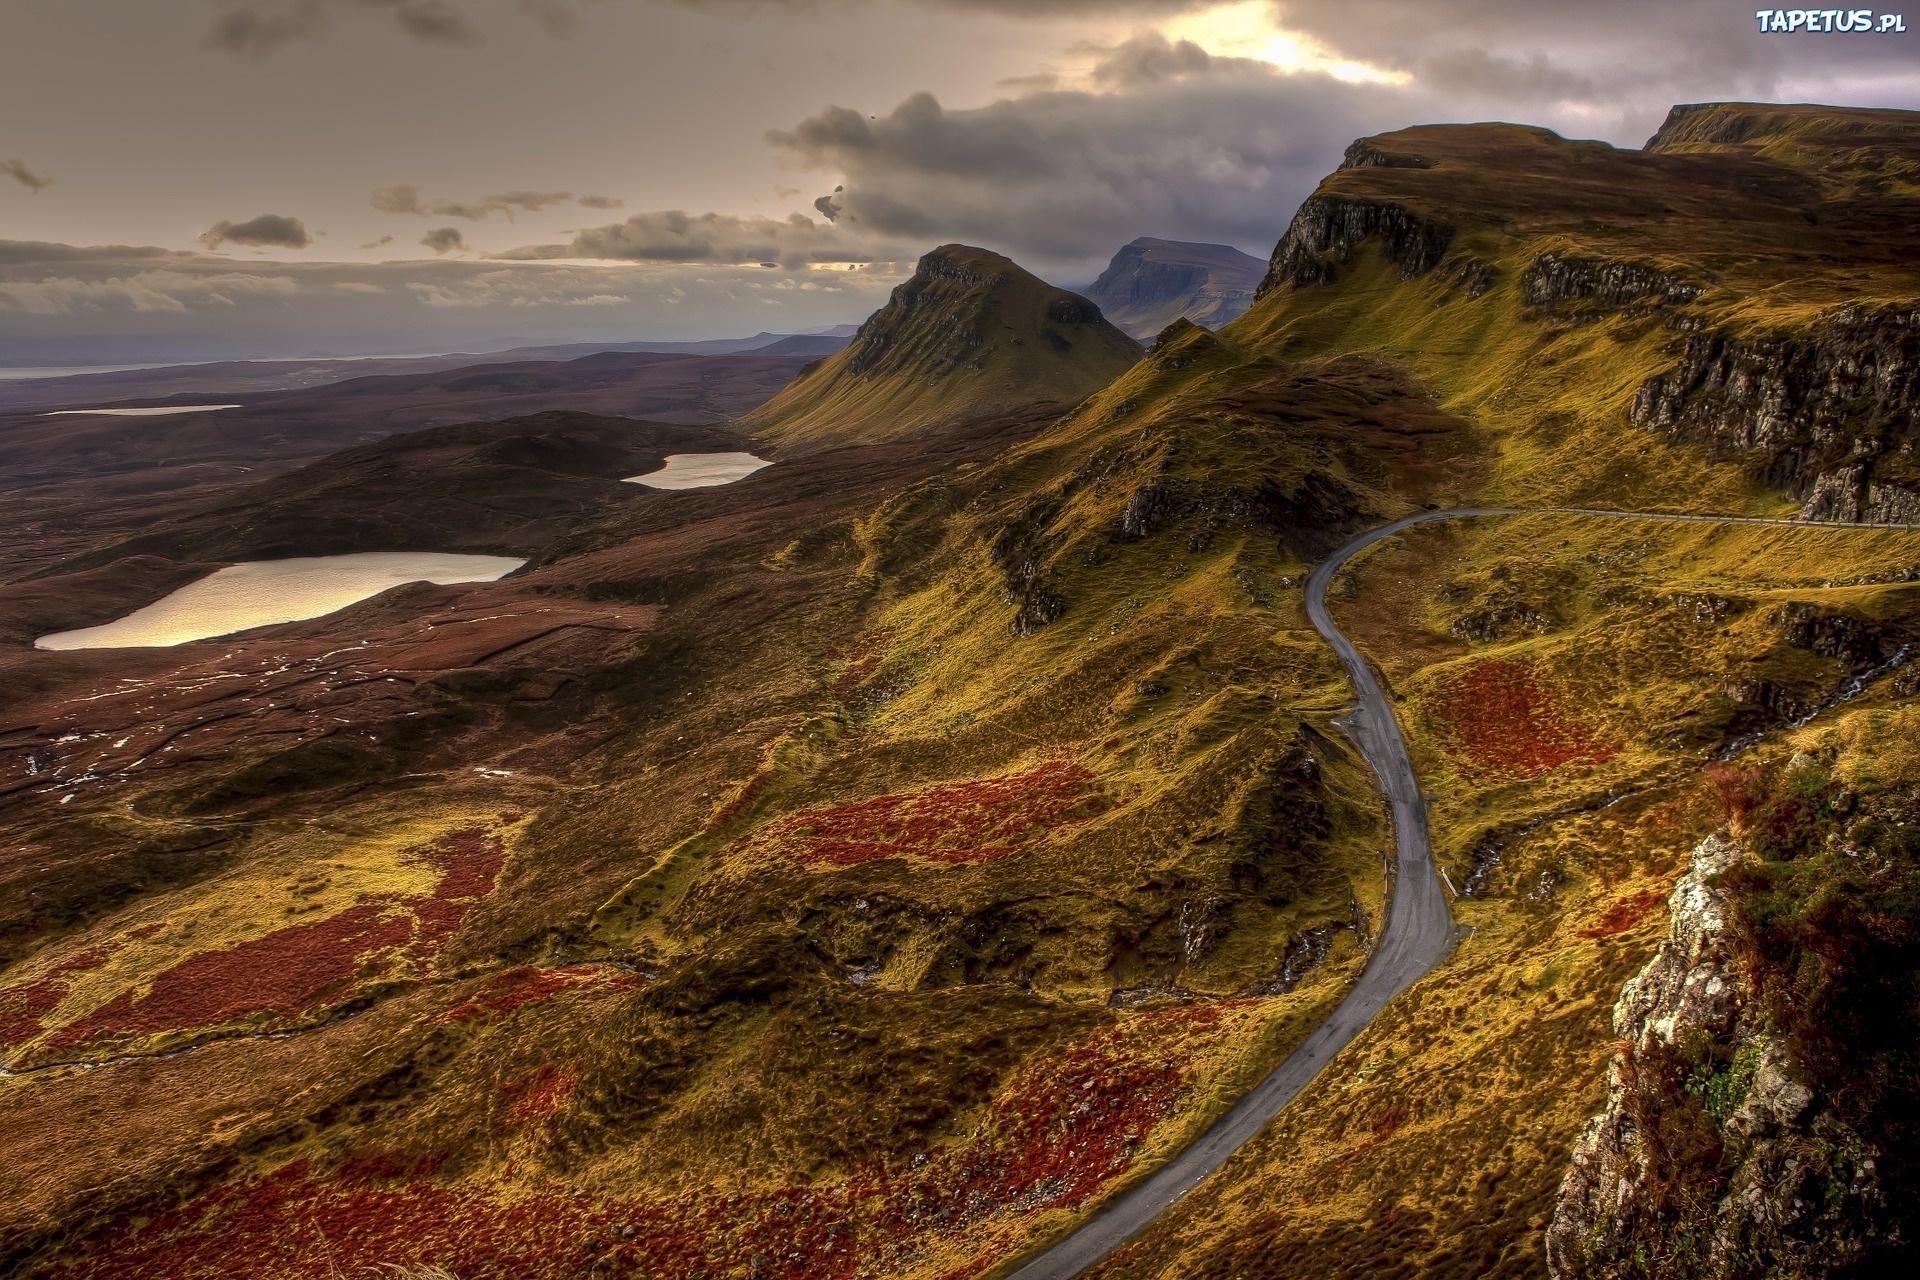 Szkocja, Wielka Brytania, Droga, Góry